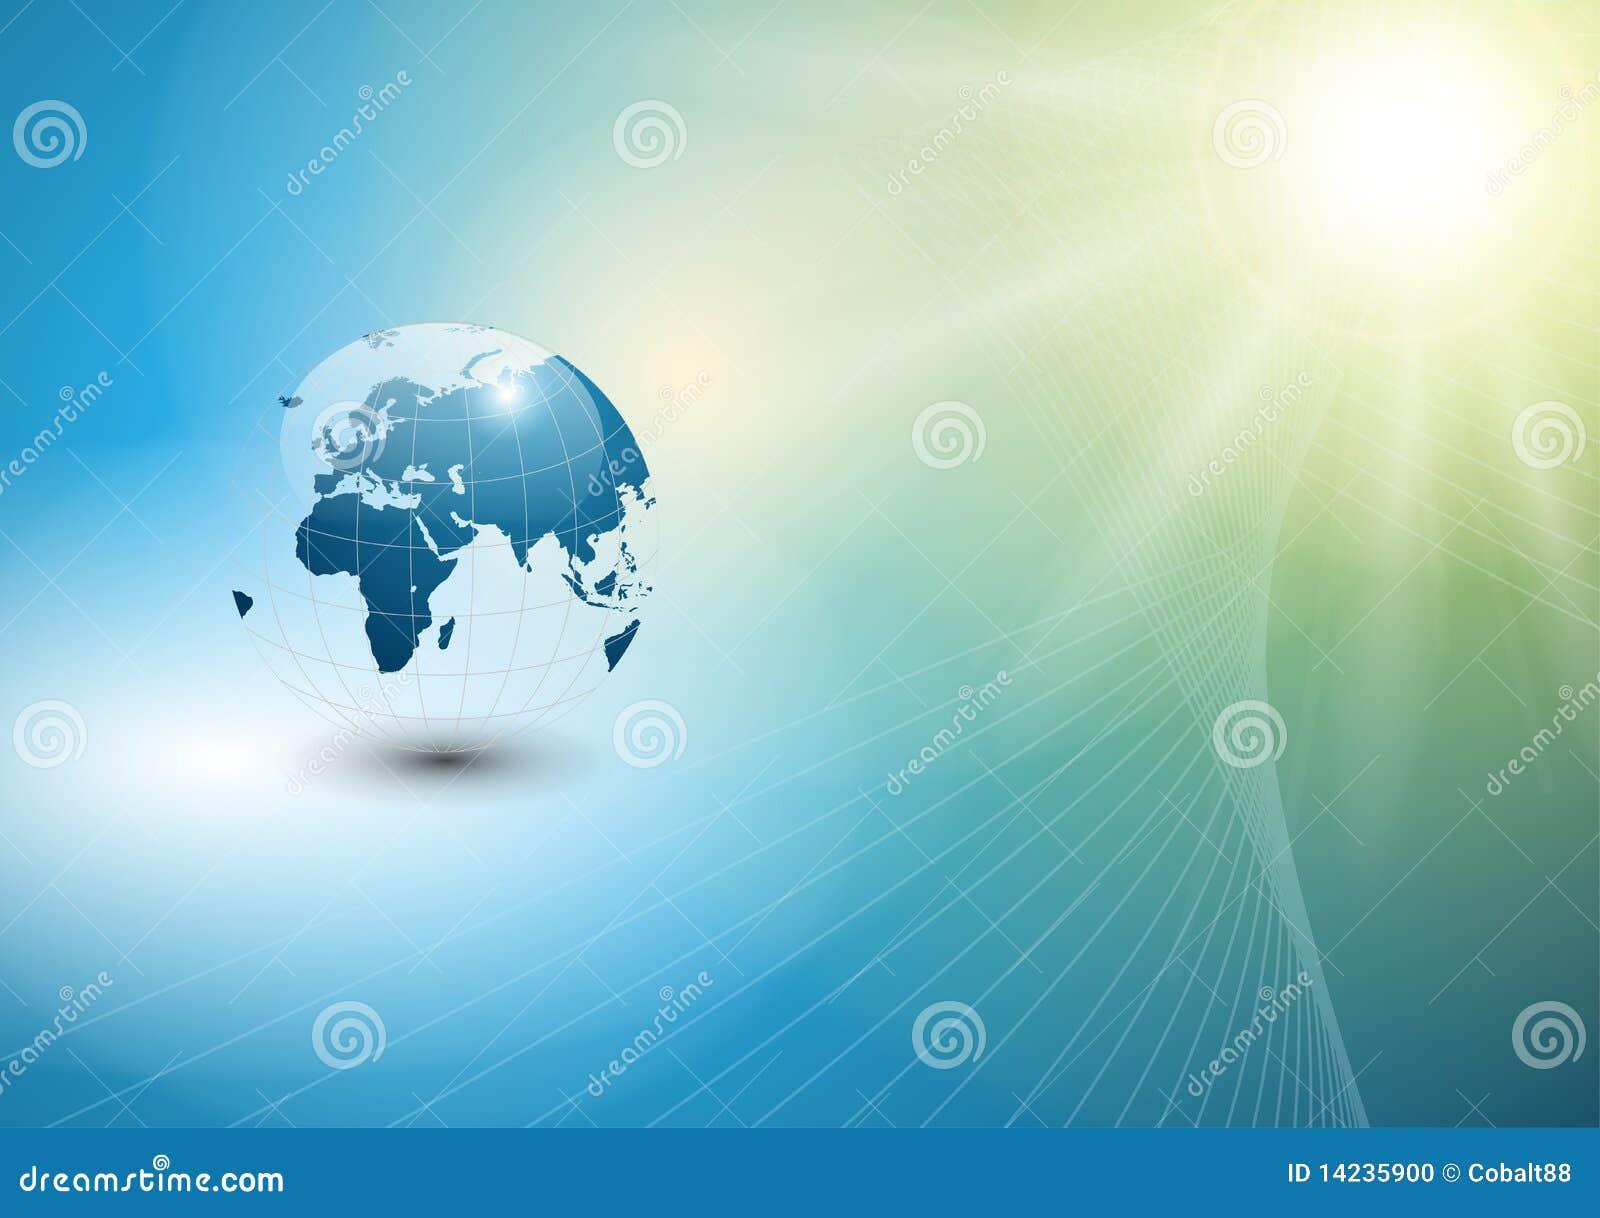 Wereldbol Met Licht : Abstracte achtergrond met wereldbol vector illustratie